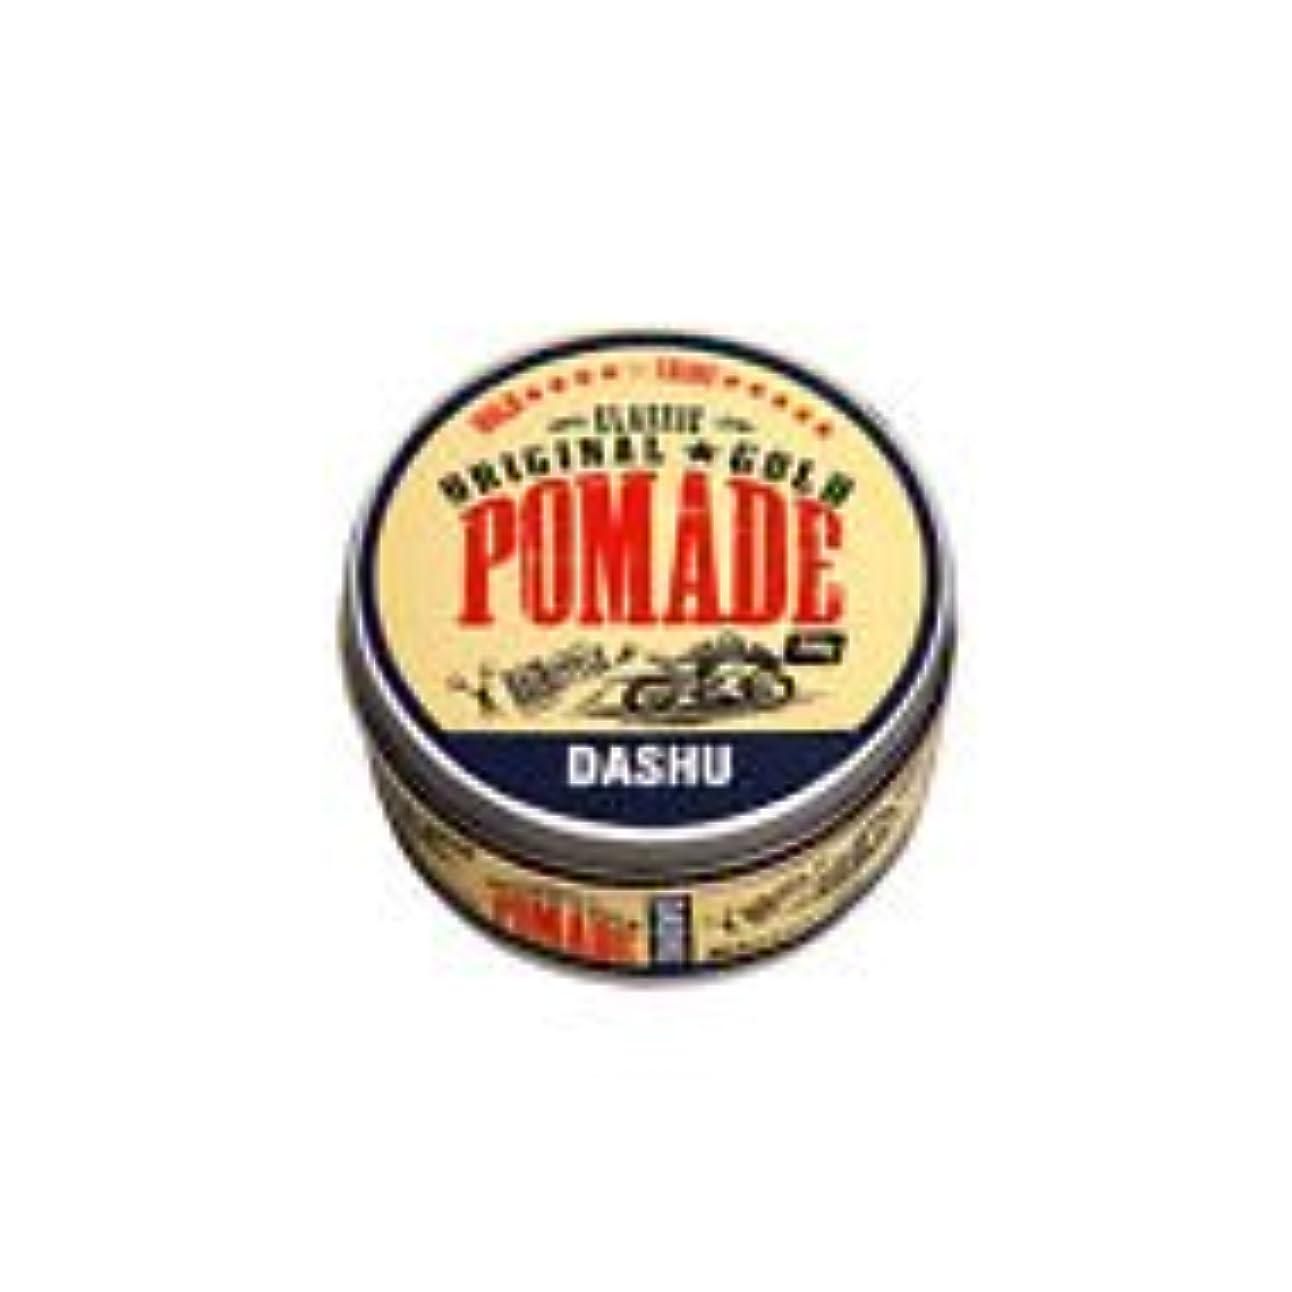 疑い裁判所ジャンプ[DASHU] ダシュ クラシックオリジナルゴールドポマードヘアワックス Classic Original Gold Pomade Hair Wax 100ml / 韓国製 . 韓国直送品